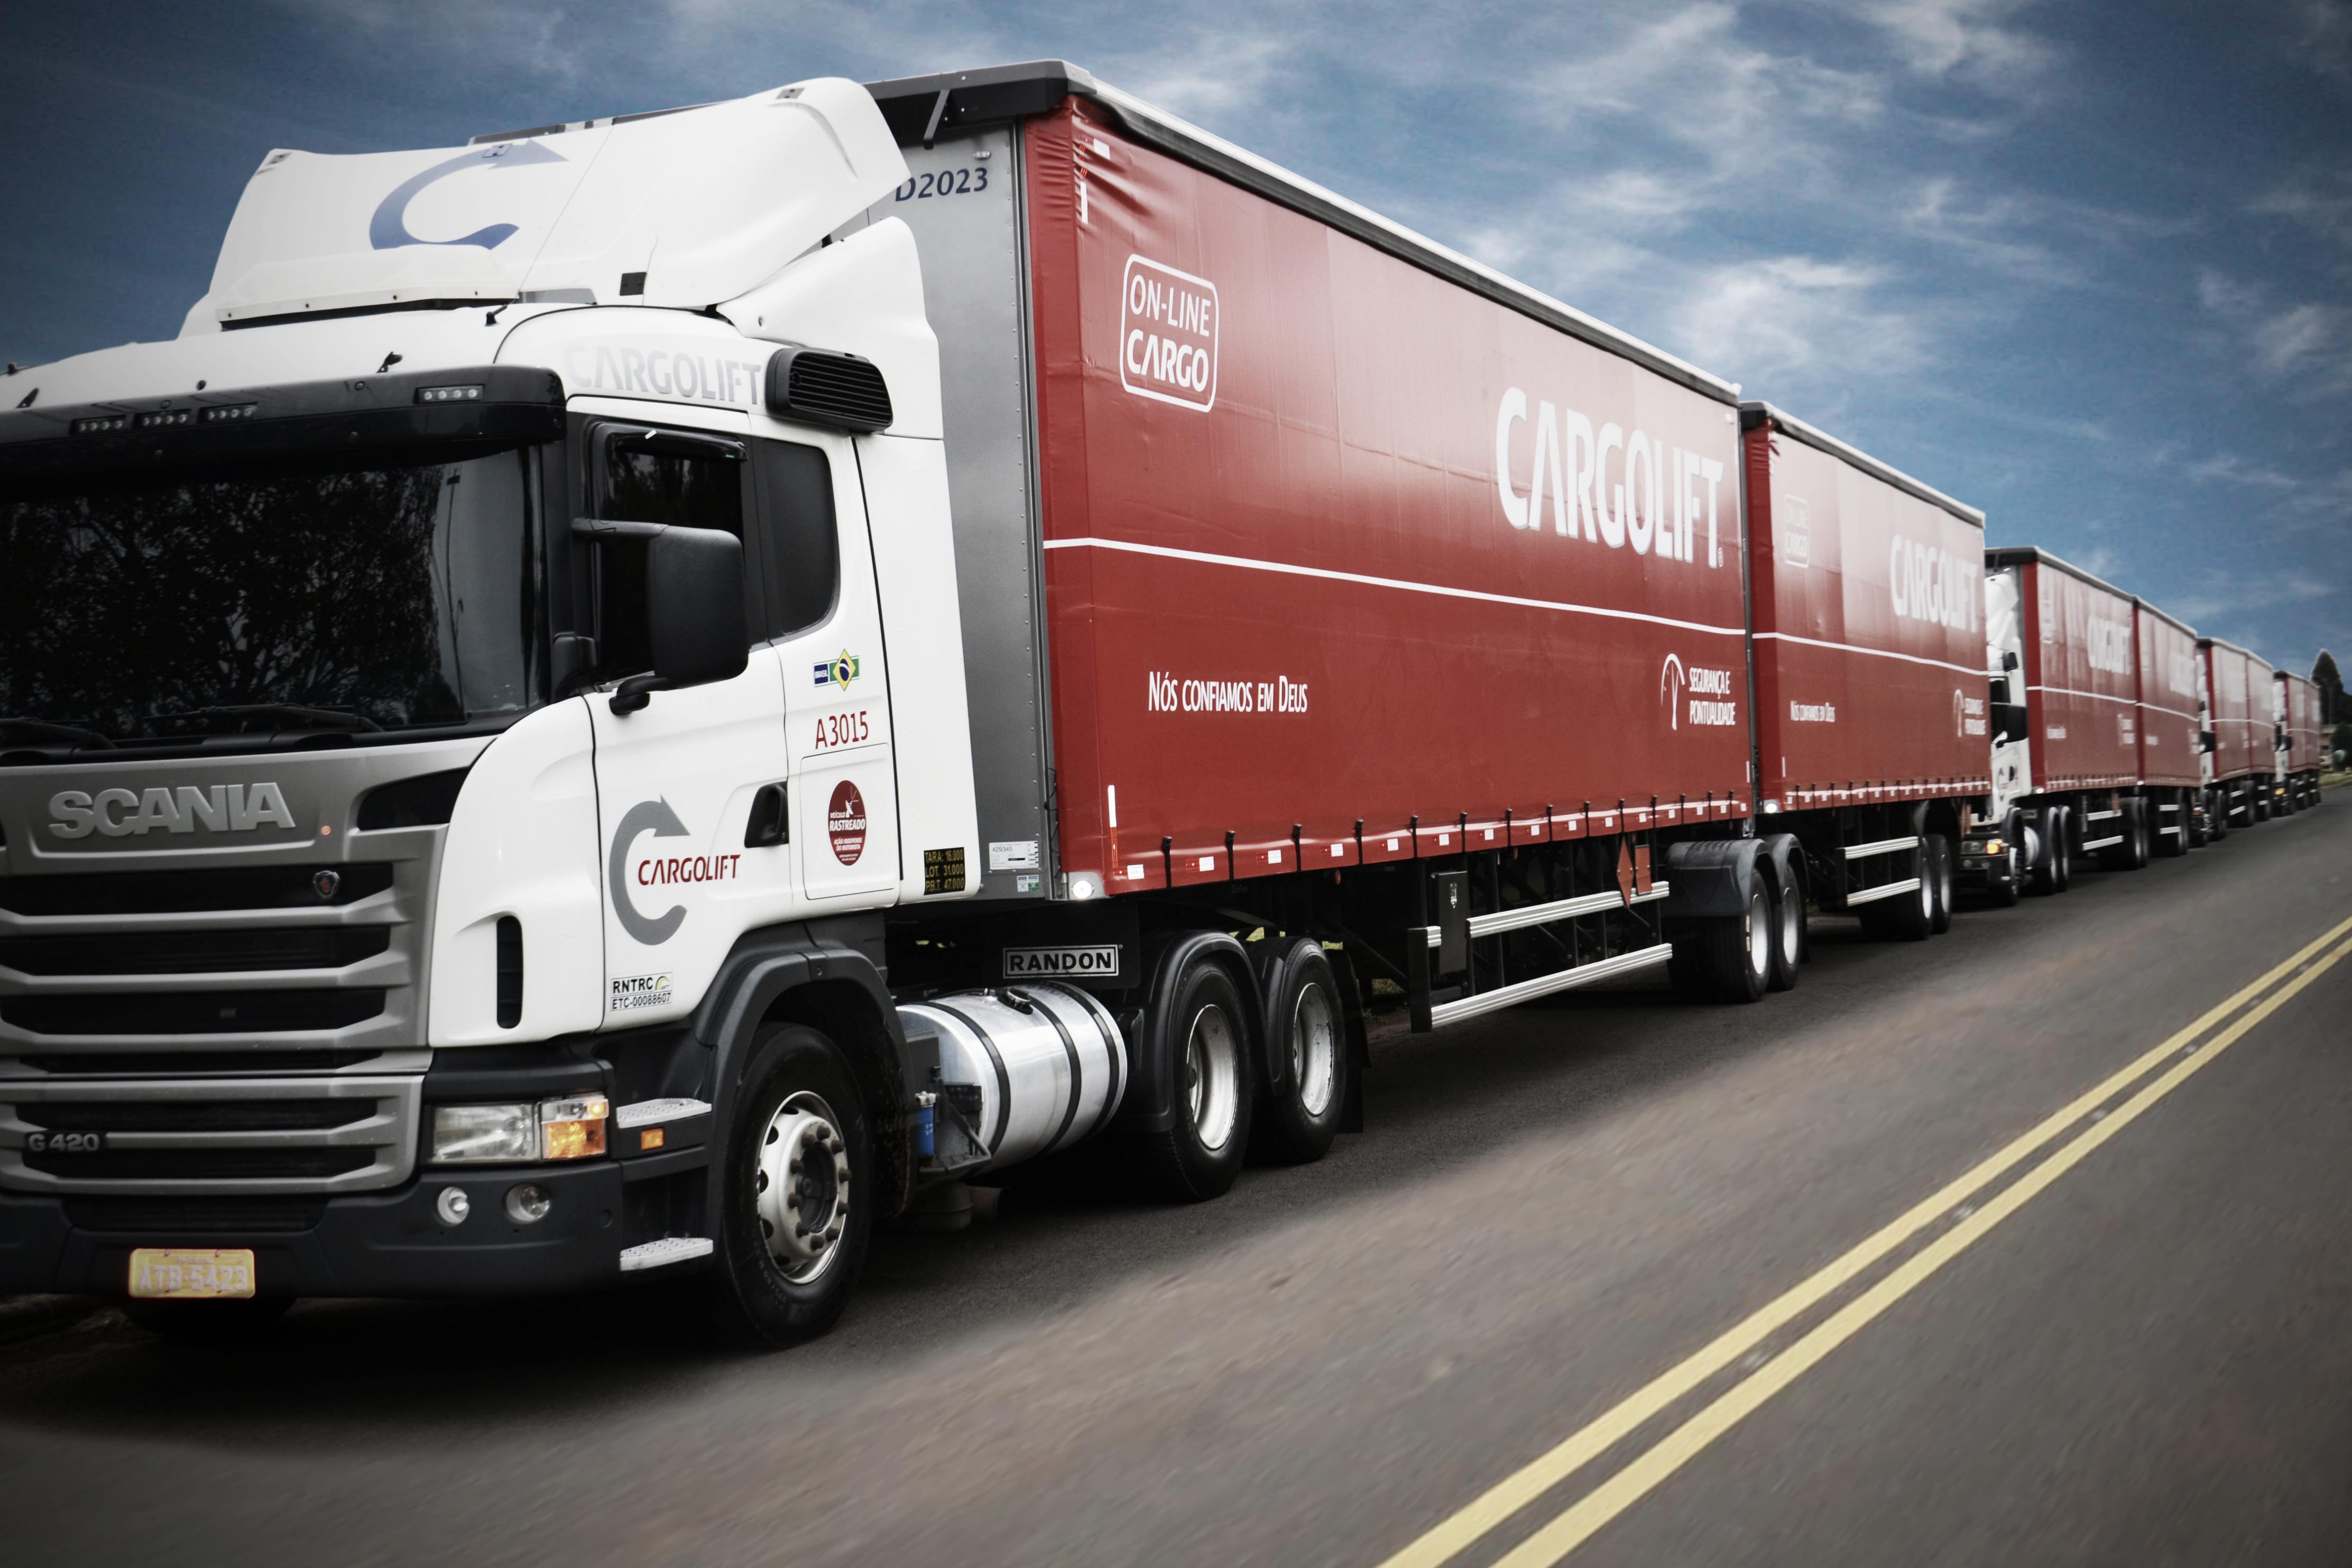 Caminhões Cargolift